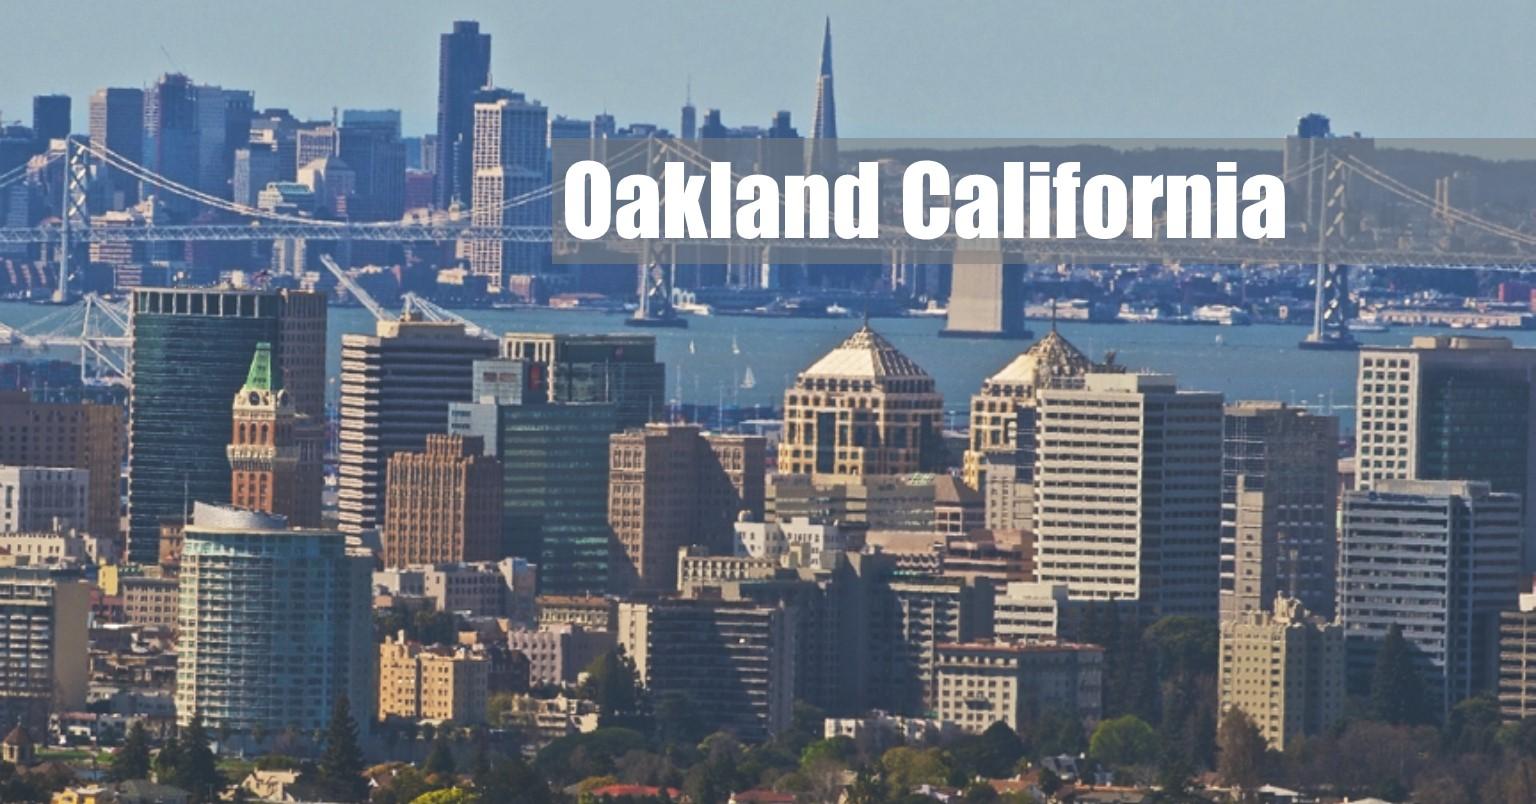 Oakland California Real Estate Market Report - Jason Wheeler Realtor